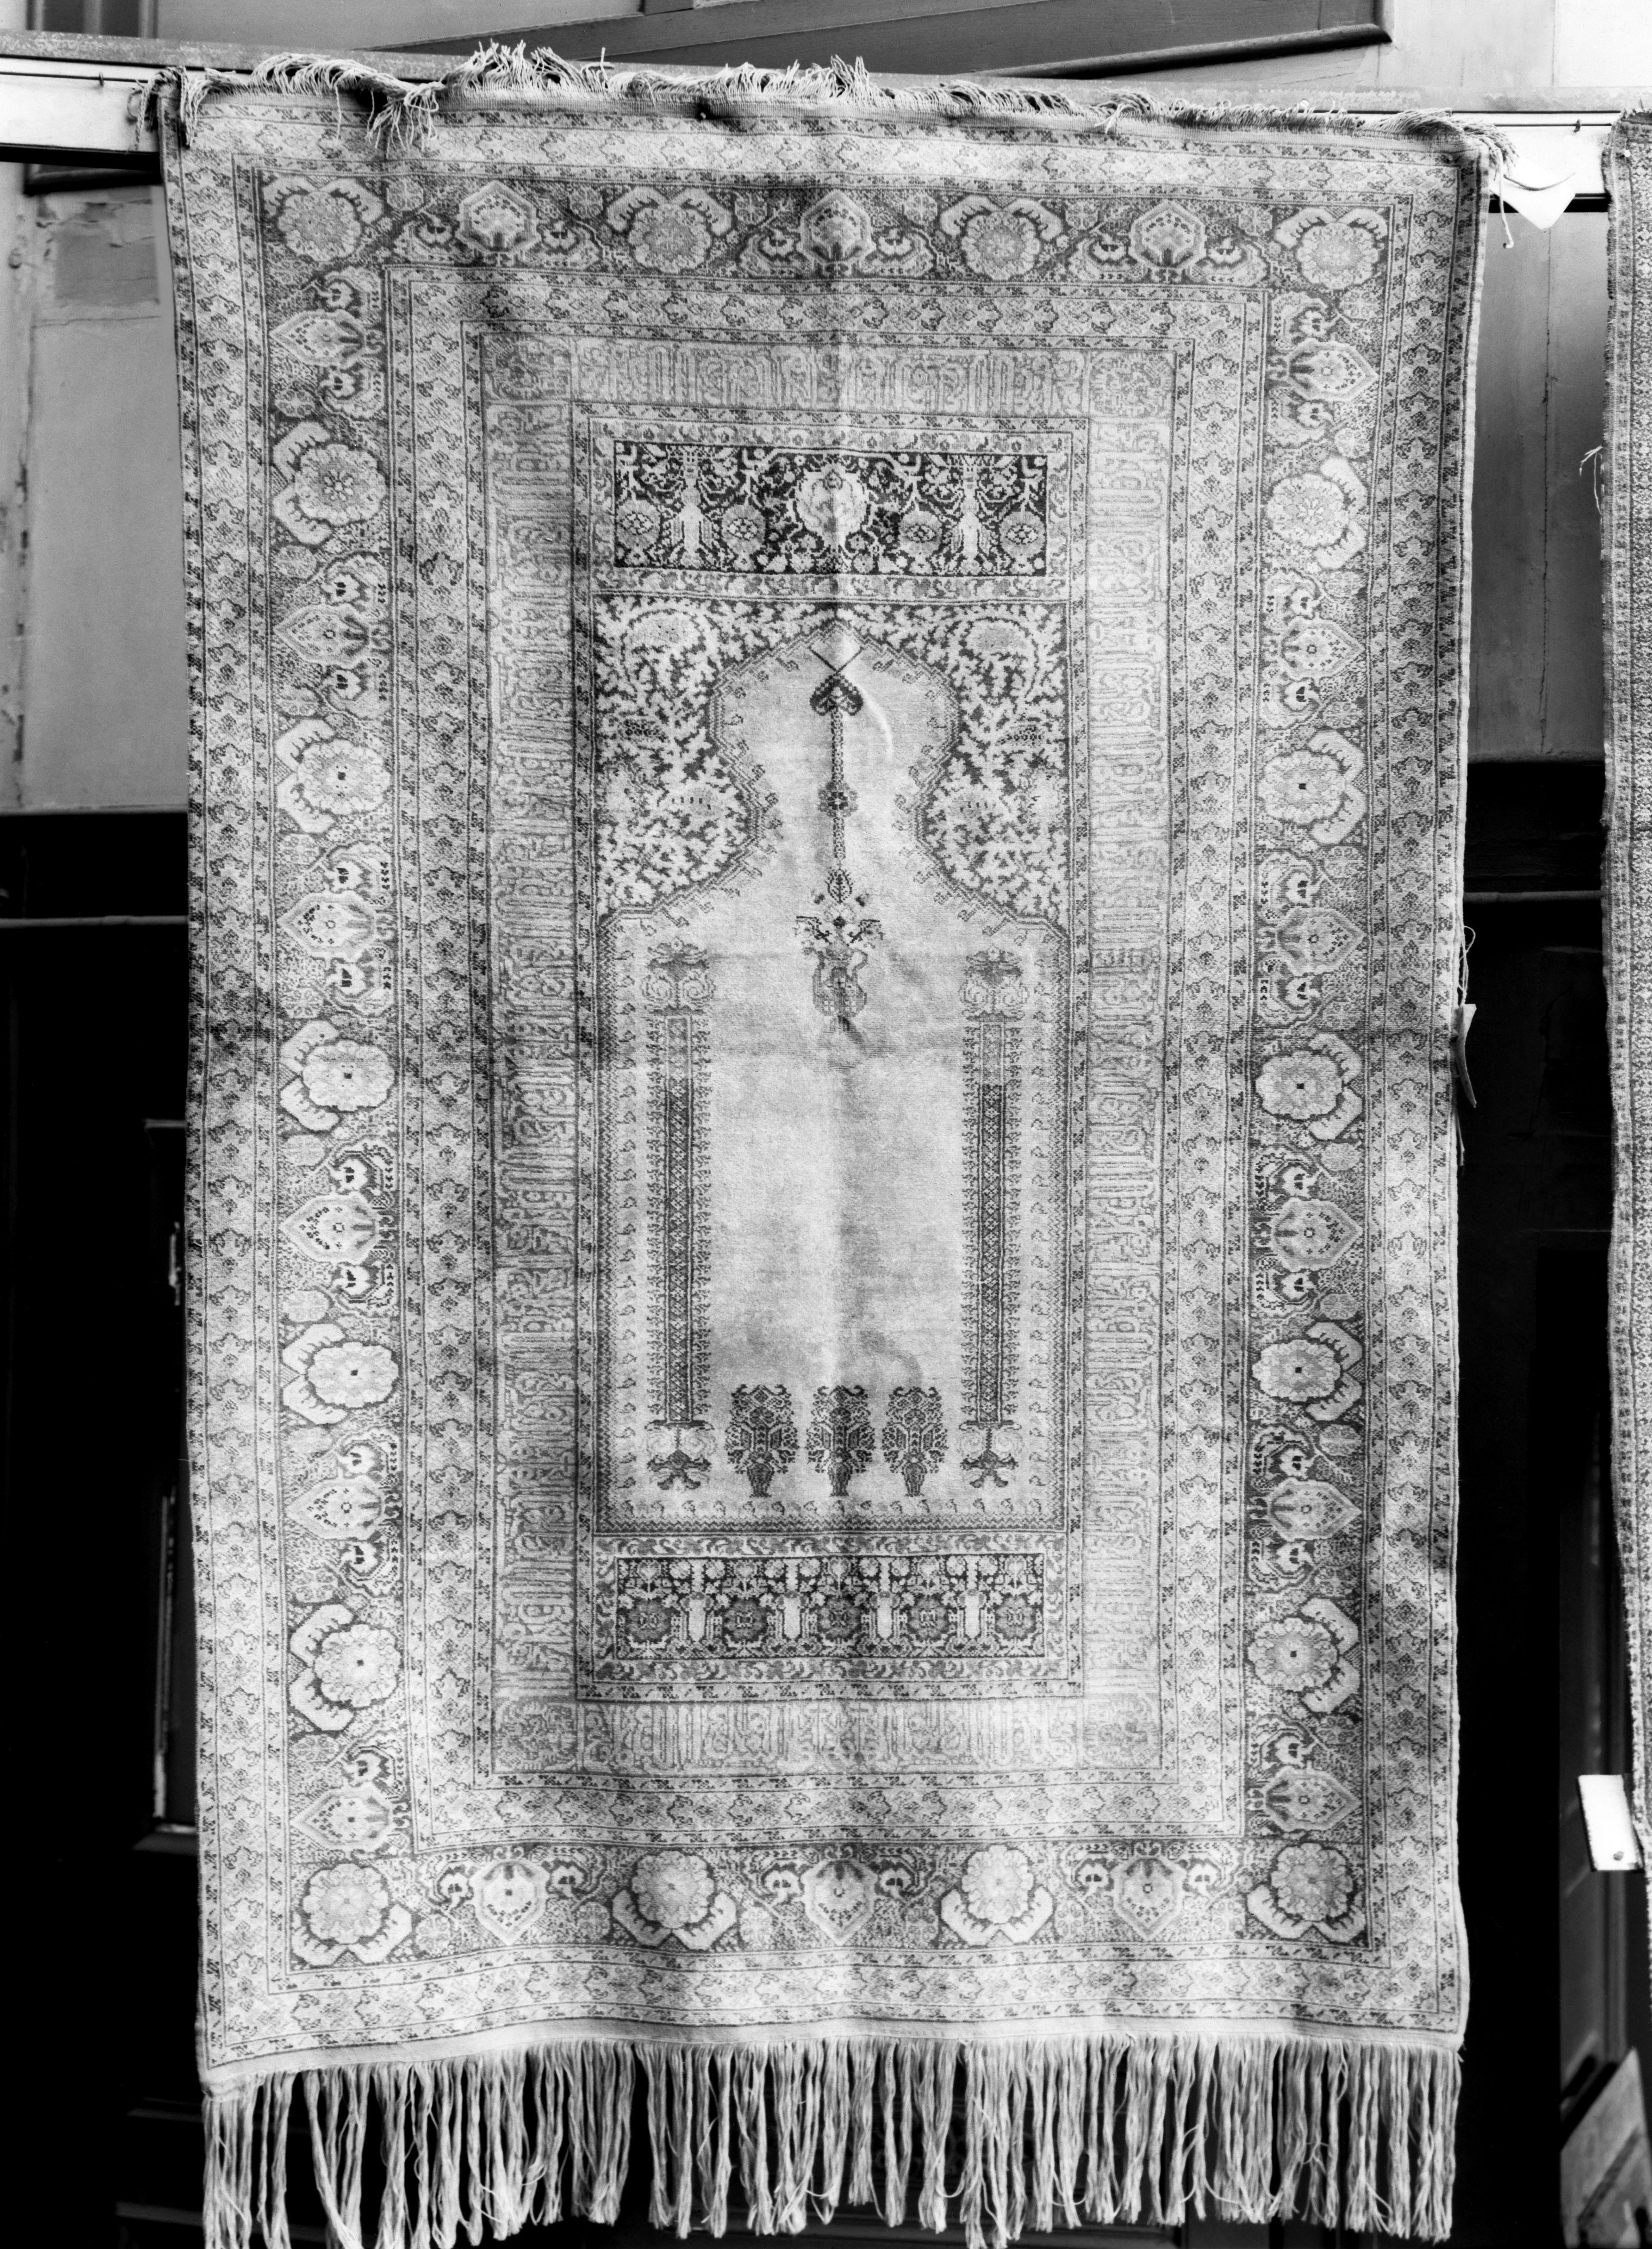 mnr/OAR00579/OAR579-copyright_Musee_du_Louvre-departement_des_Objets_d_art.jpg